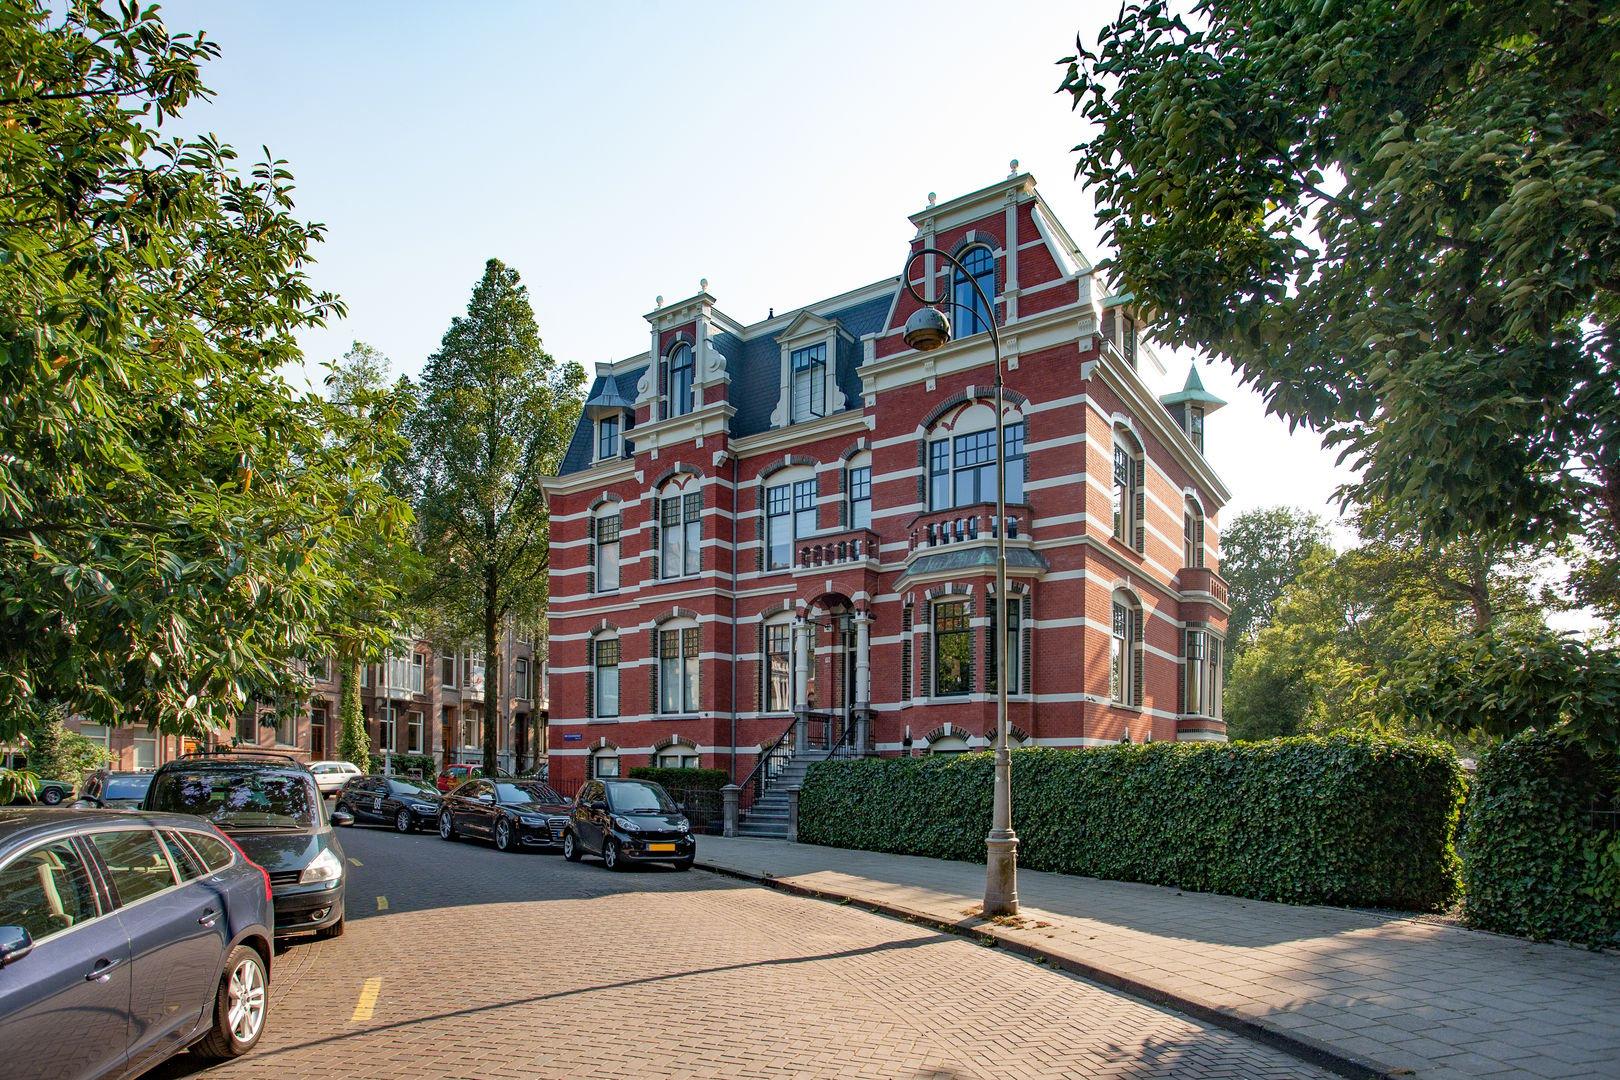 Van Eeghenstraat Mansion in Amsterdam